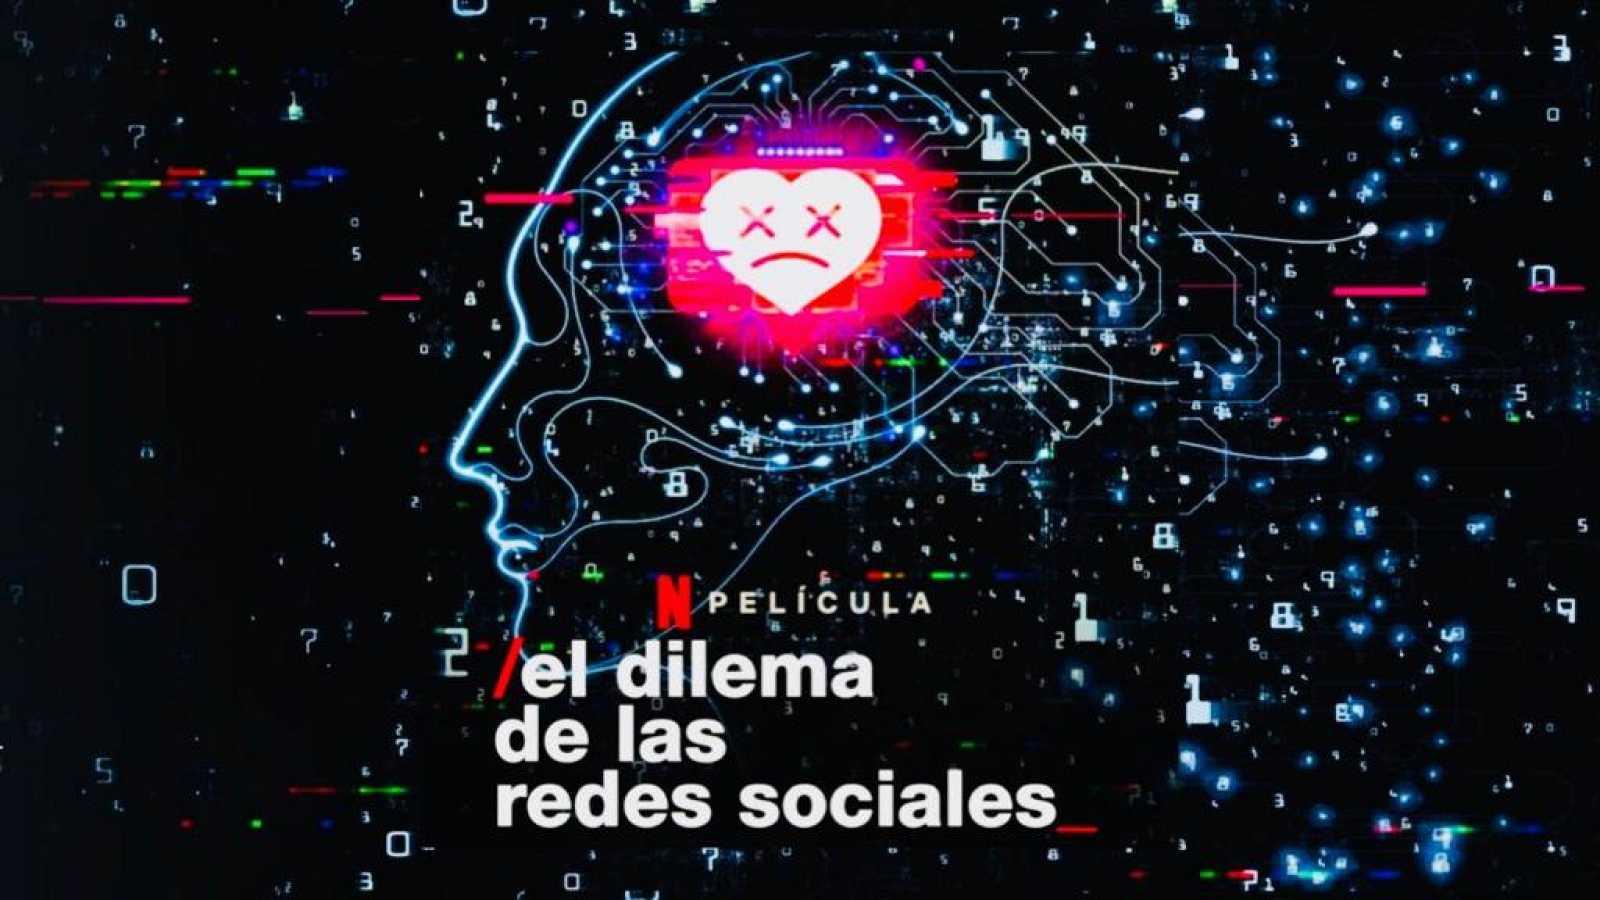 El dilema de las redes sociales - Paco Tomás - 'Los cinco'